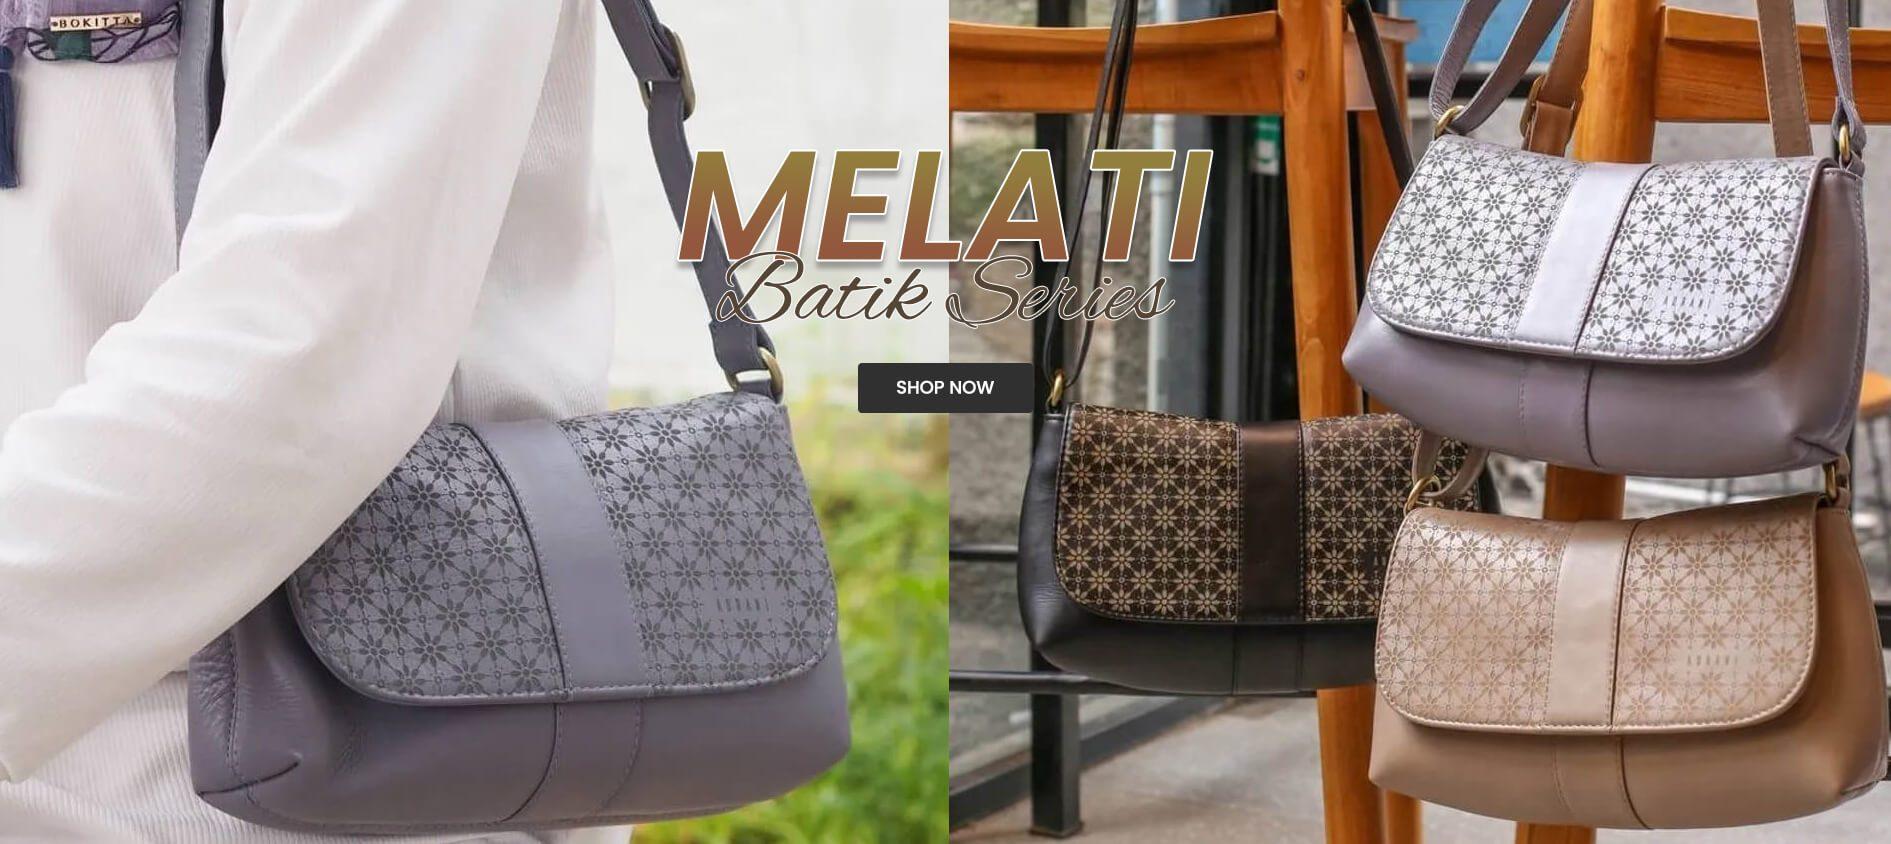 melati batik series